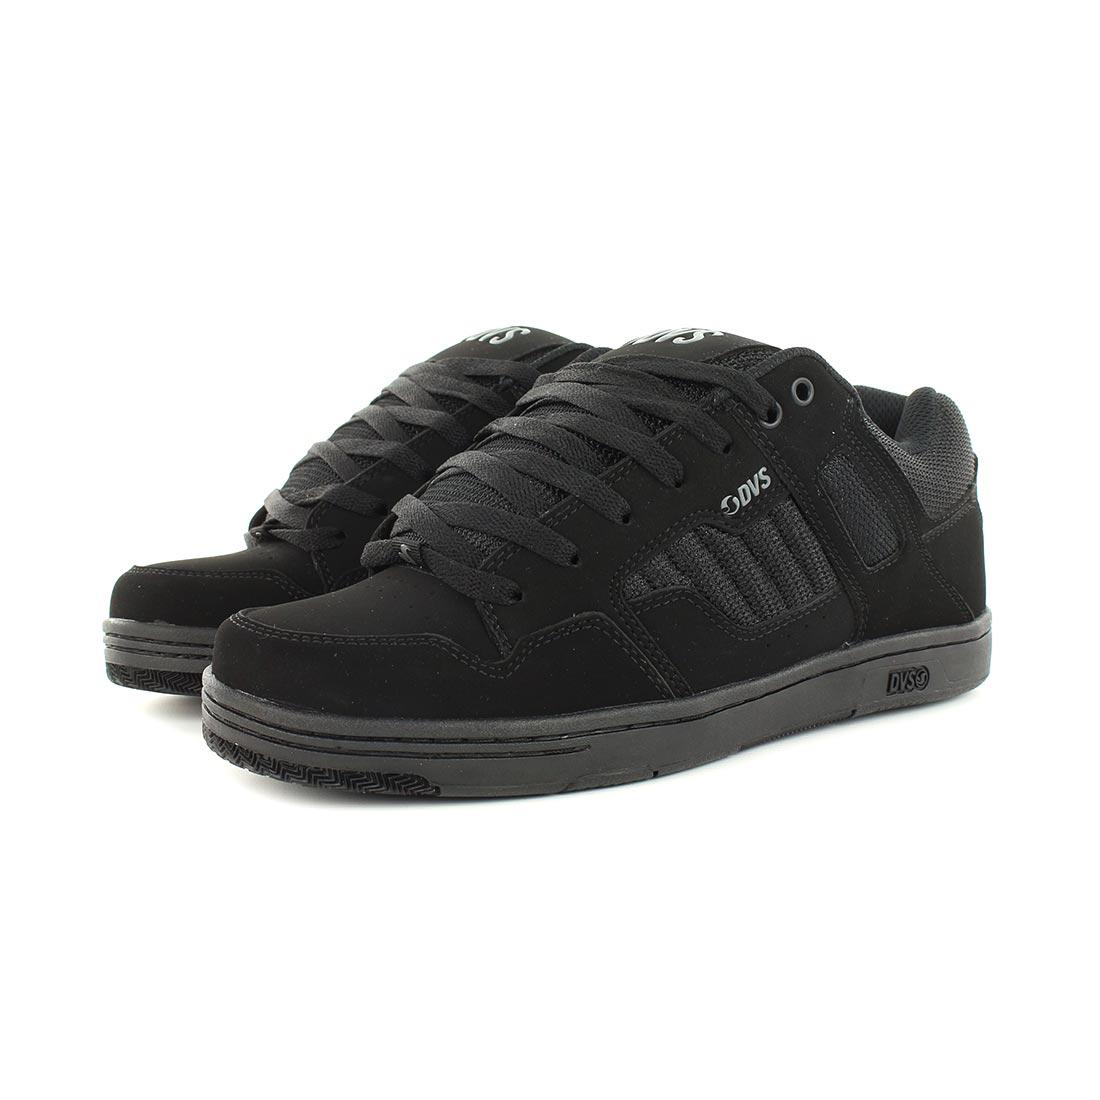 1d25872ea2c24 ... DVS-Shoes-Enduro-125-Black-Nubuck- ...